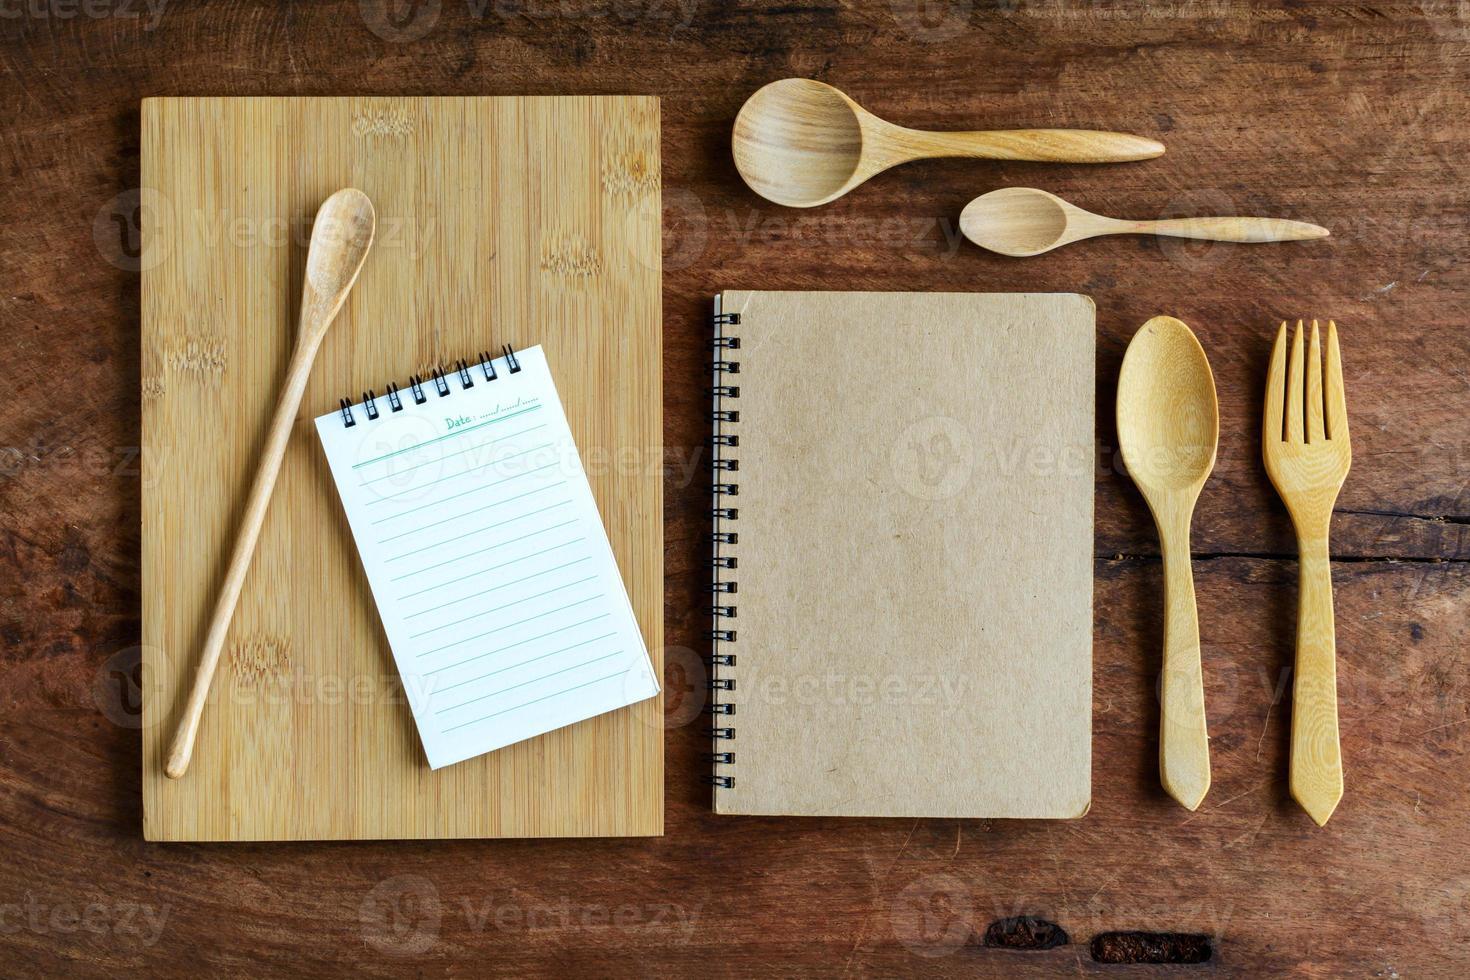 Notizbuch und Holzutensilien auf altem Holz foto